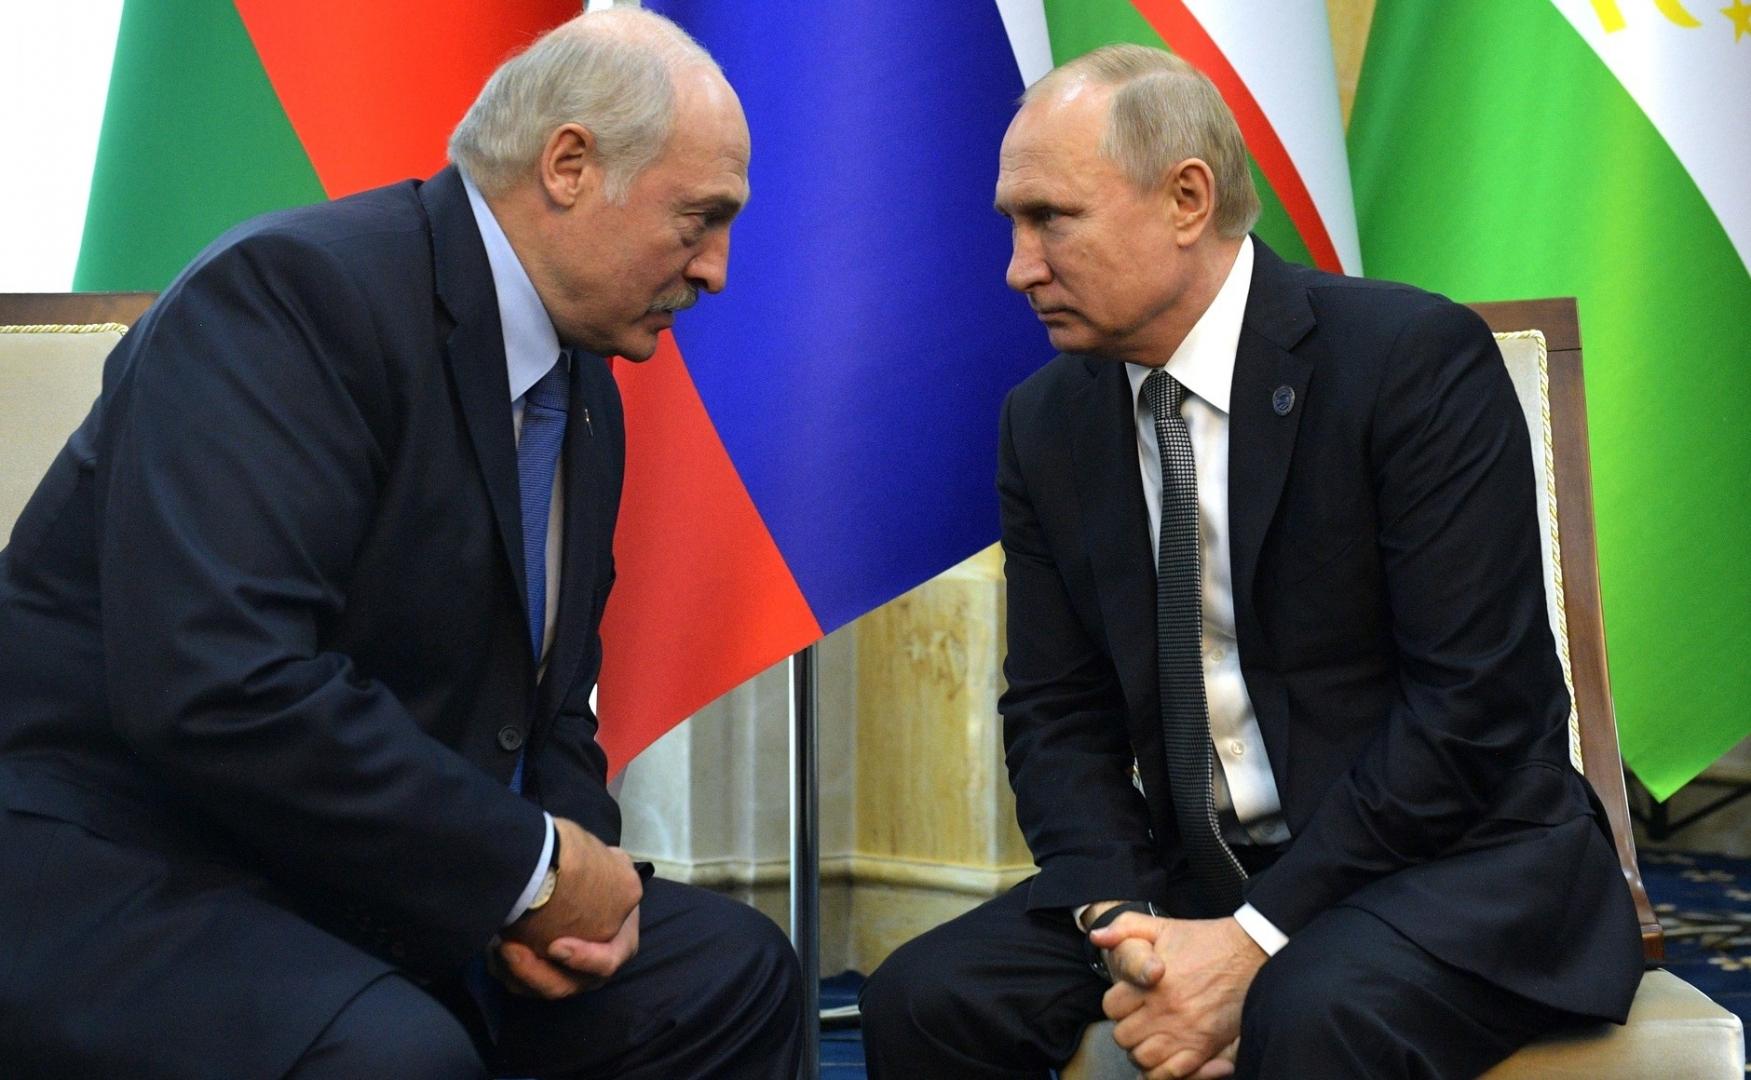 Лукашенко и Путин подтвердили, что в случае обострения ситуации в Беларуси будут реагировать согласно положениям Договора о коллективной безопасности